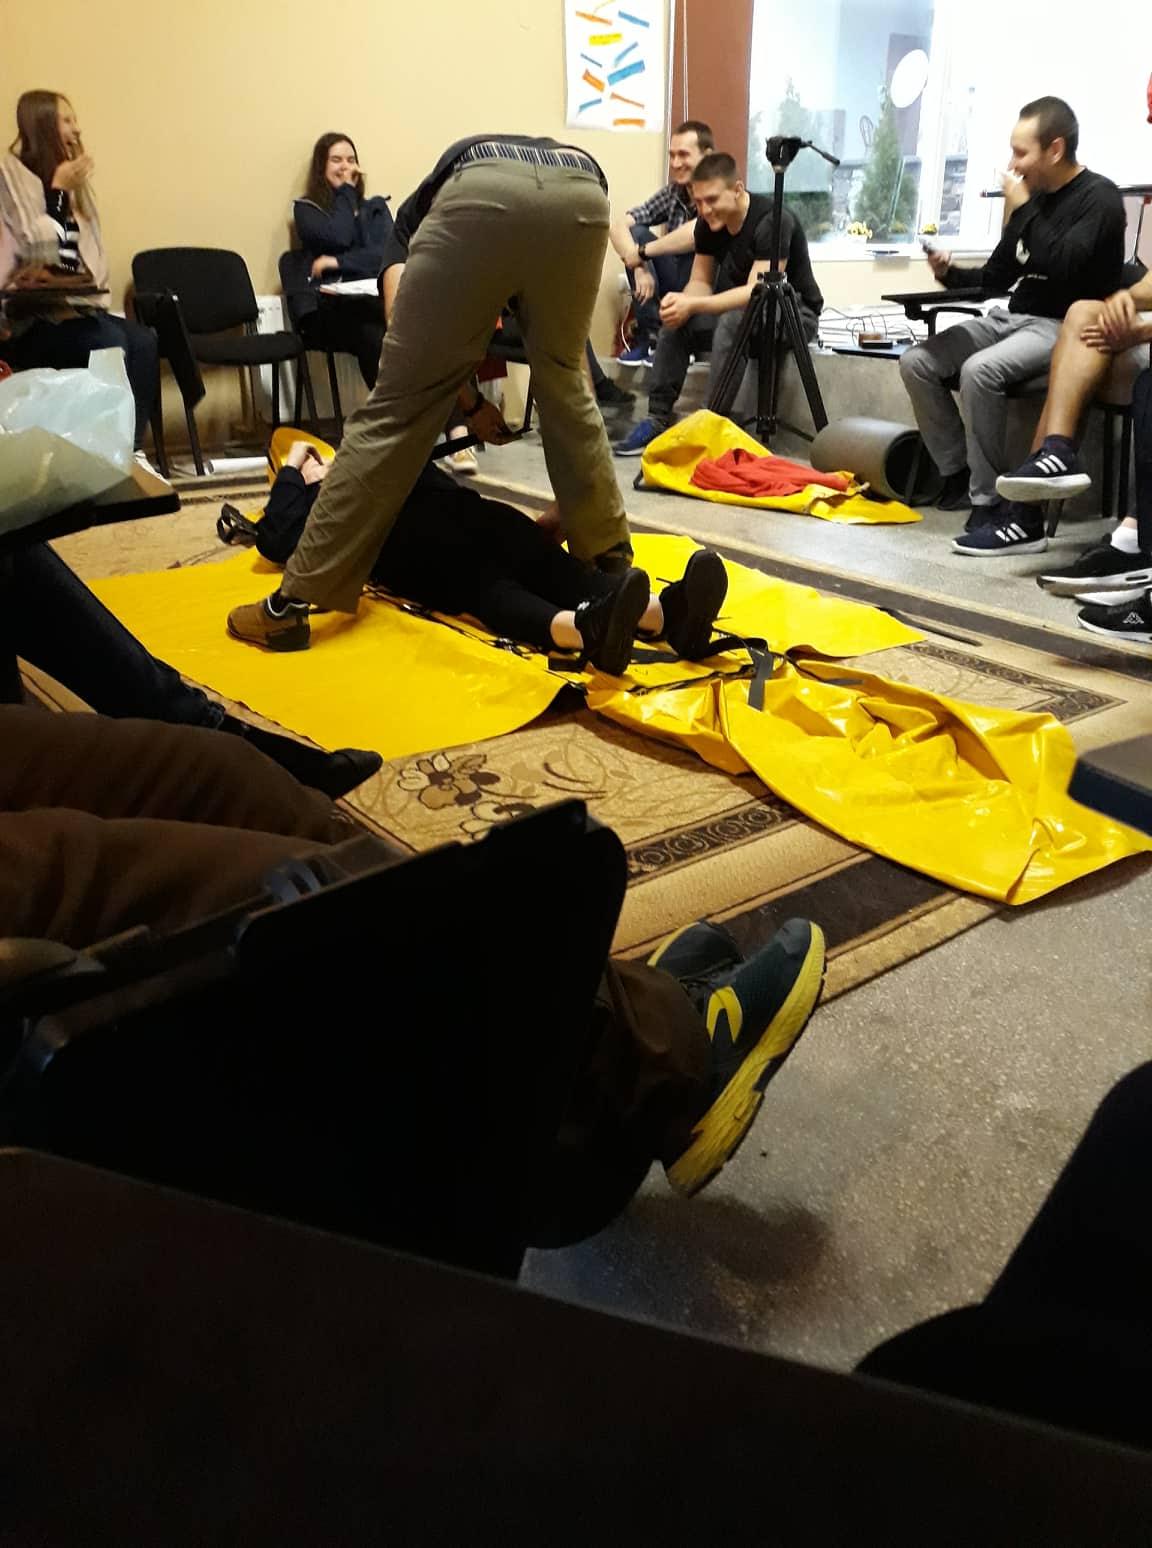 koolitus training course nyh bulgaria bulgaaria estonia eesti erasmus aid